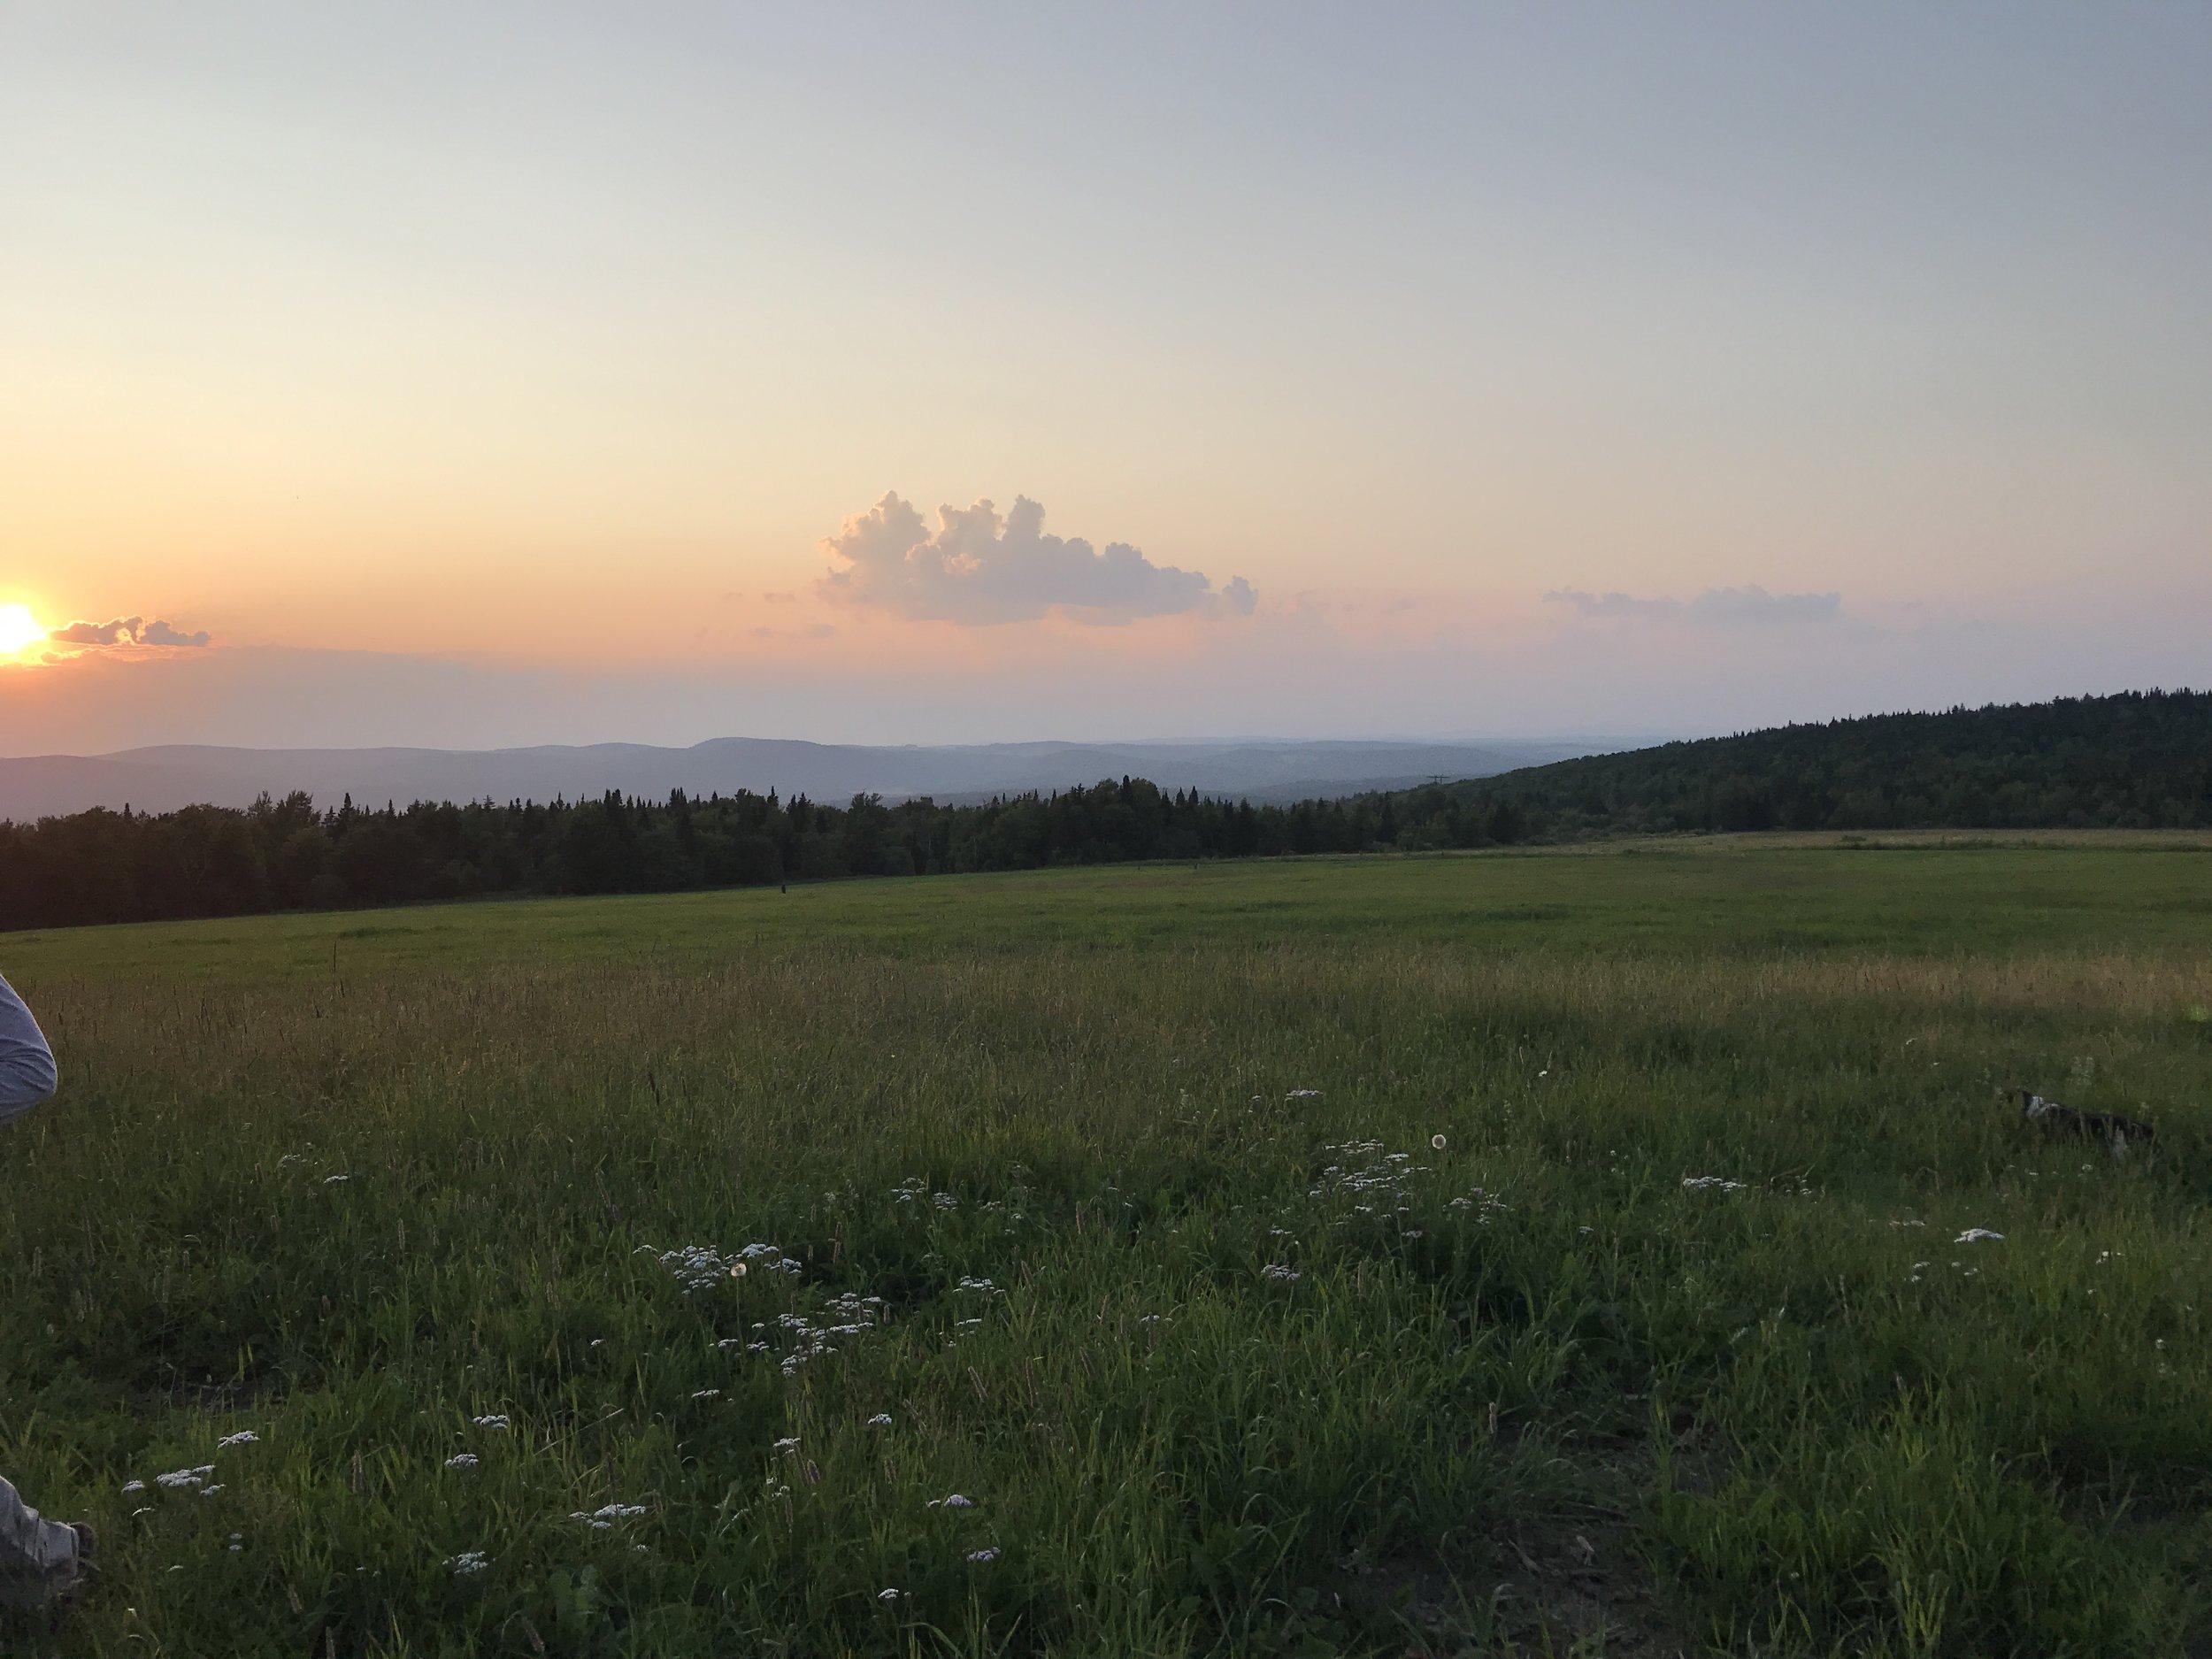 Brousseau Mountain sunset, July 2019